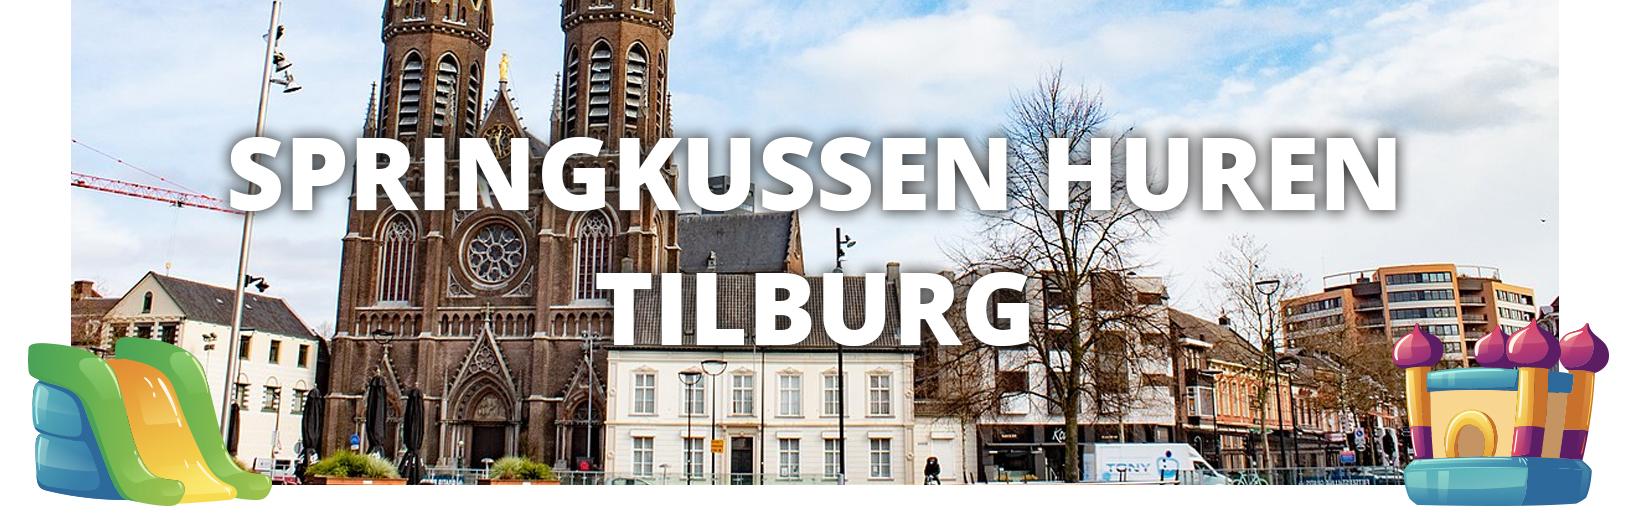 Springkussen huren Tilburg